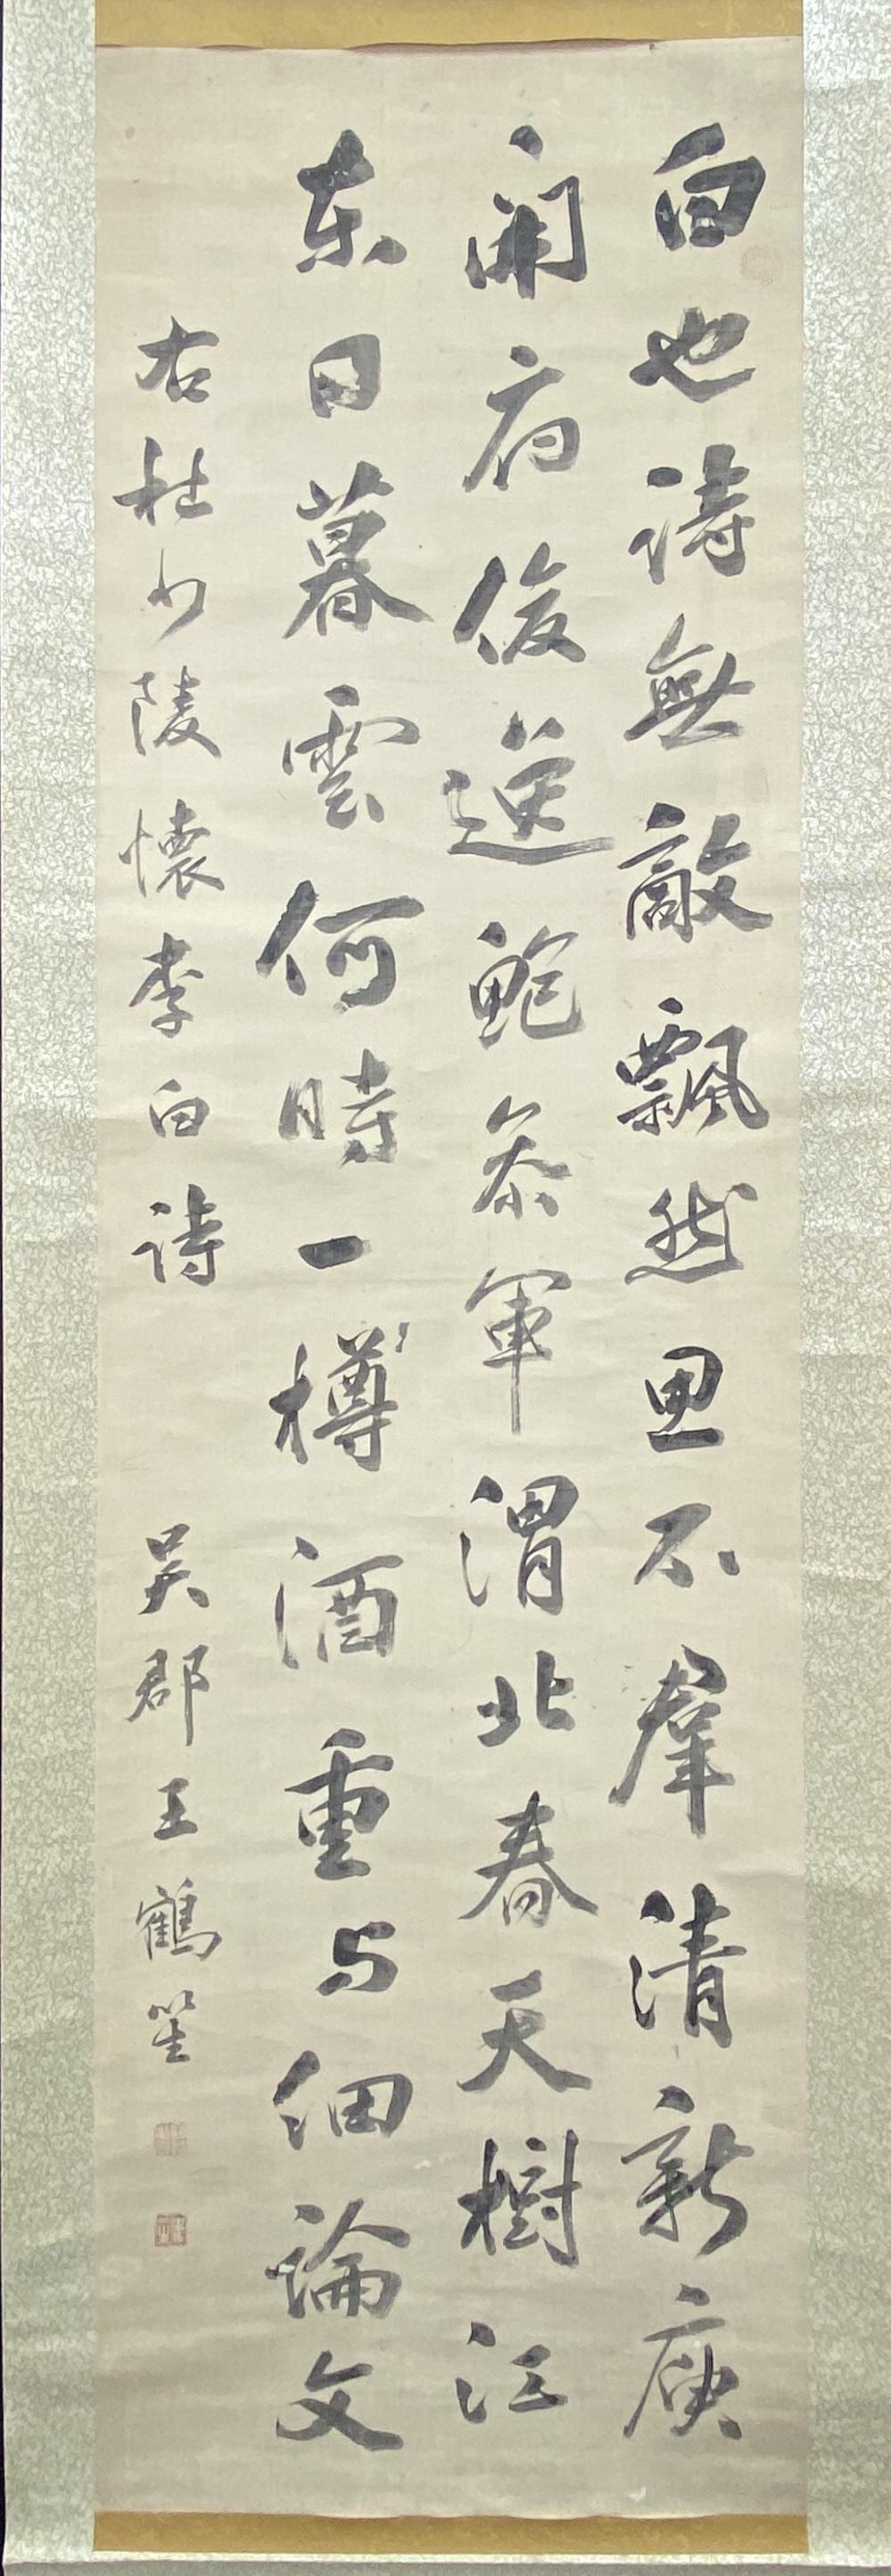 20633「王鶴笙」行書 軸151×43cm